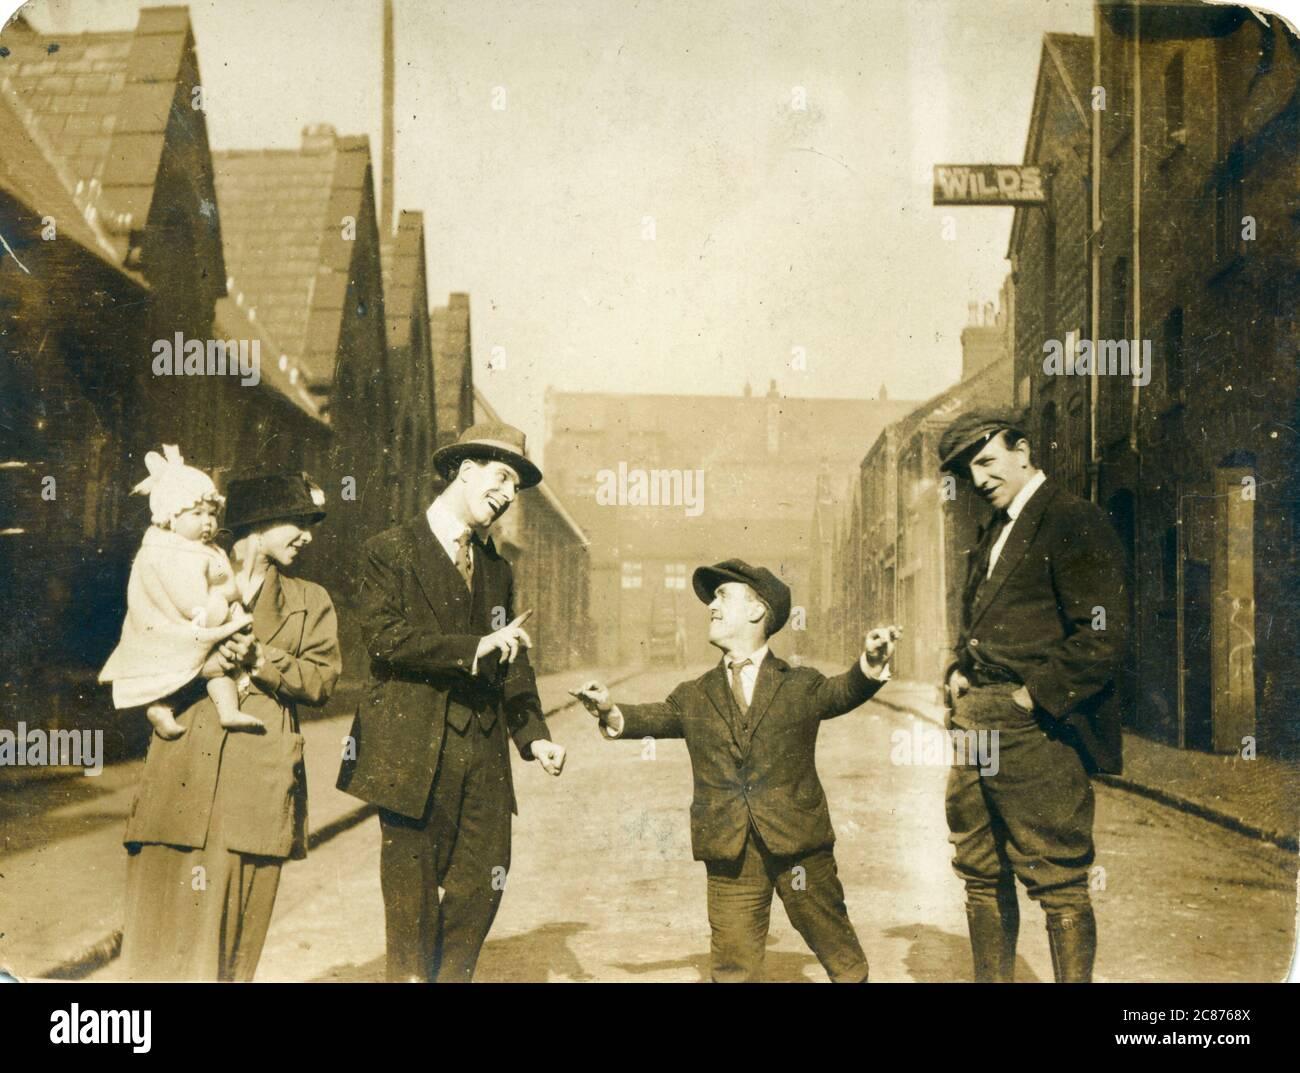 Grupo de personas, posiblemente miembros de la familia, incluyendo un hombre de crecimiento restringido (enanismo), 1920. Fecha: 1920 Foto de stock